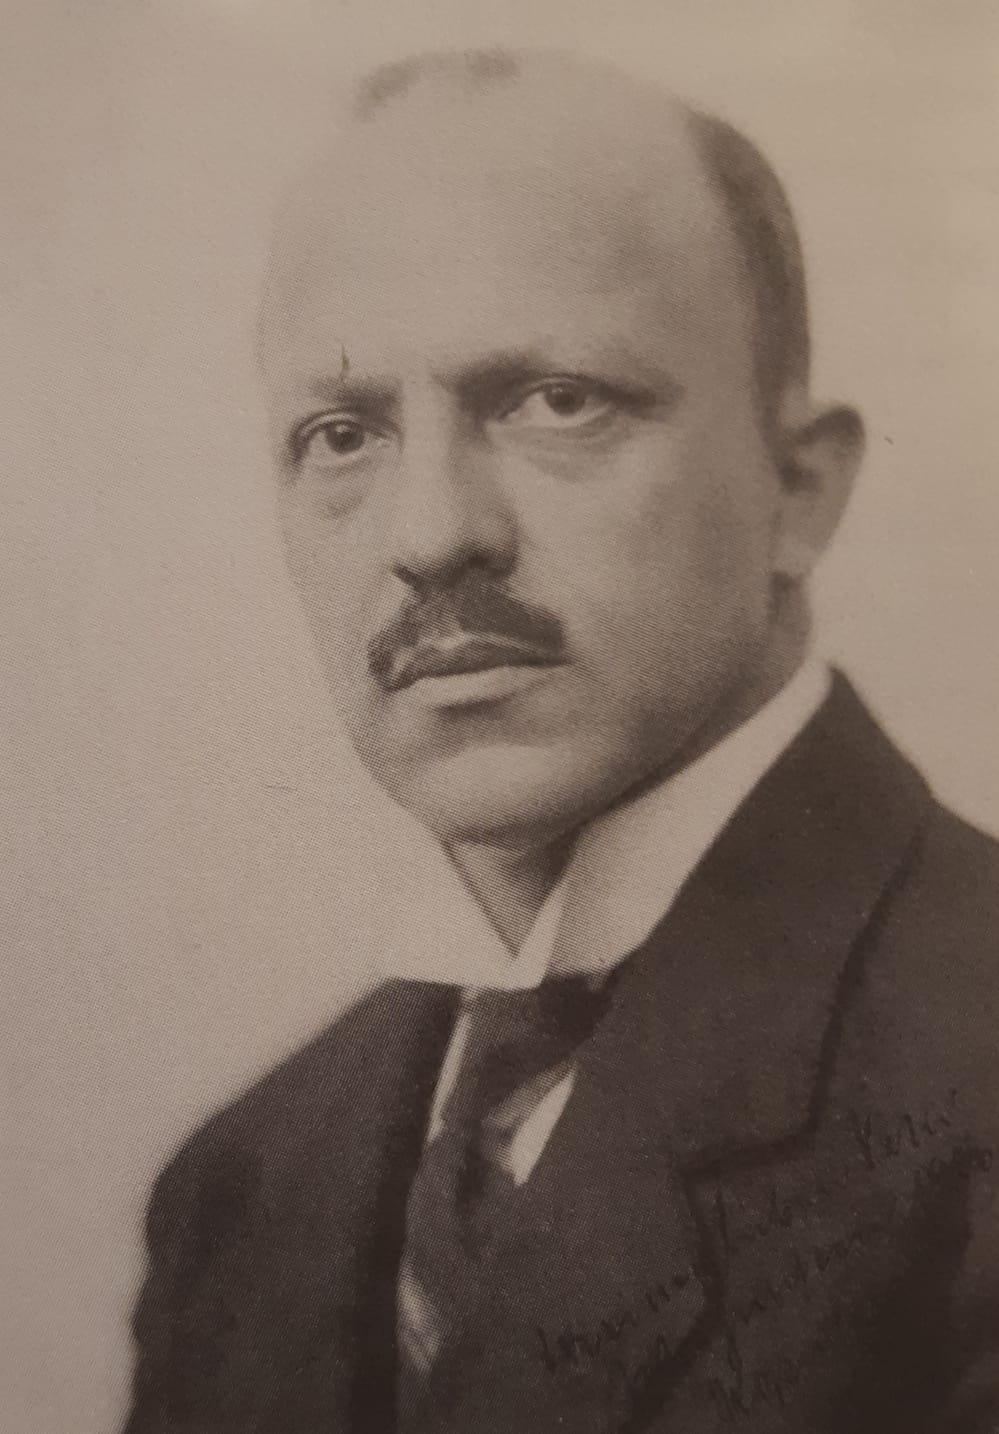 Peter de Vos